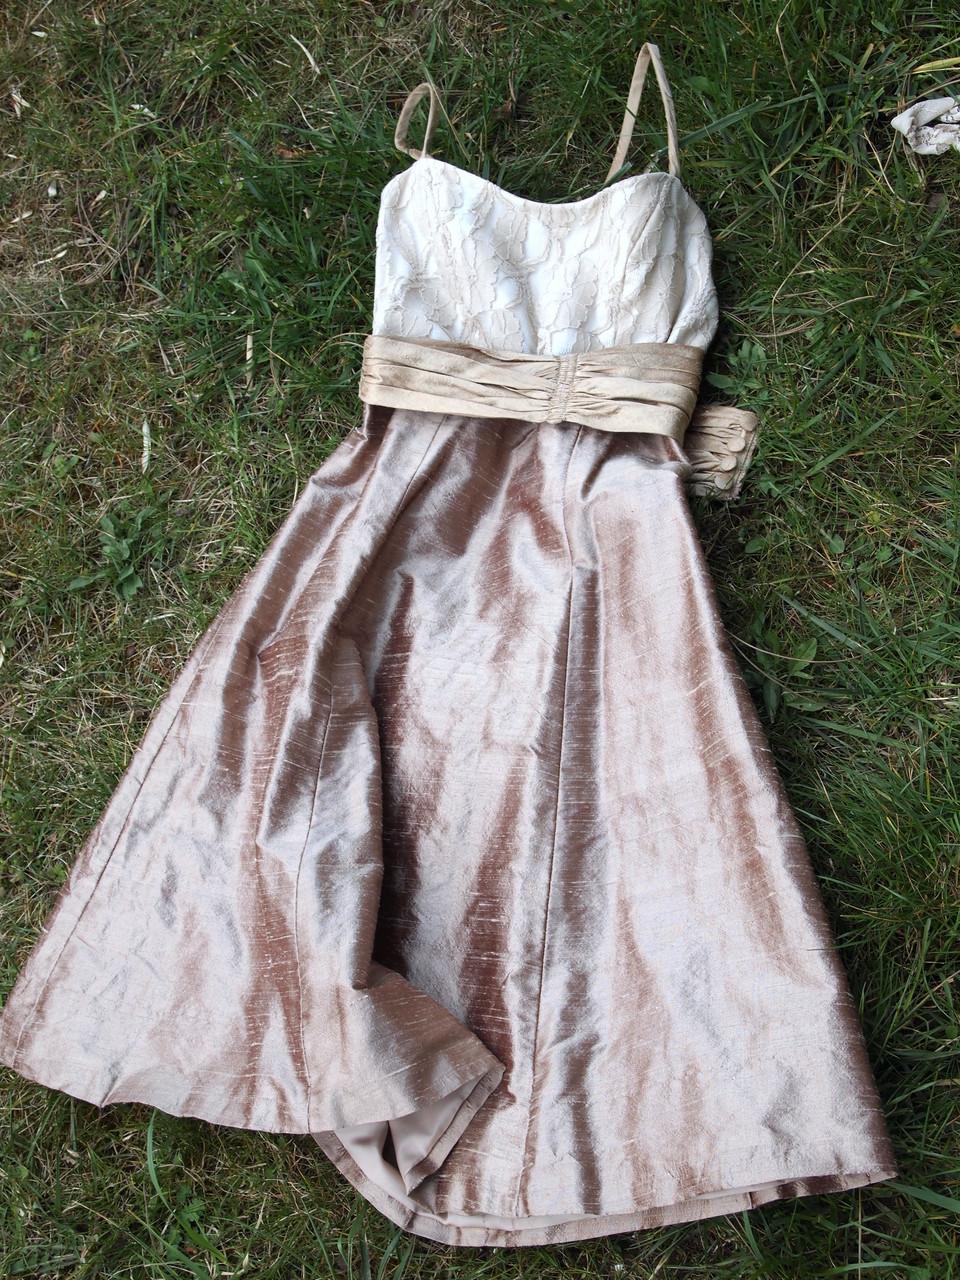 Kleid zum Abiball (burda)